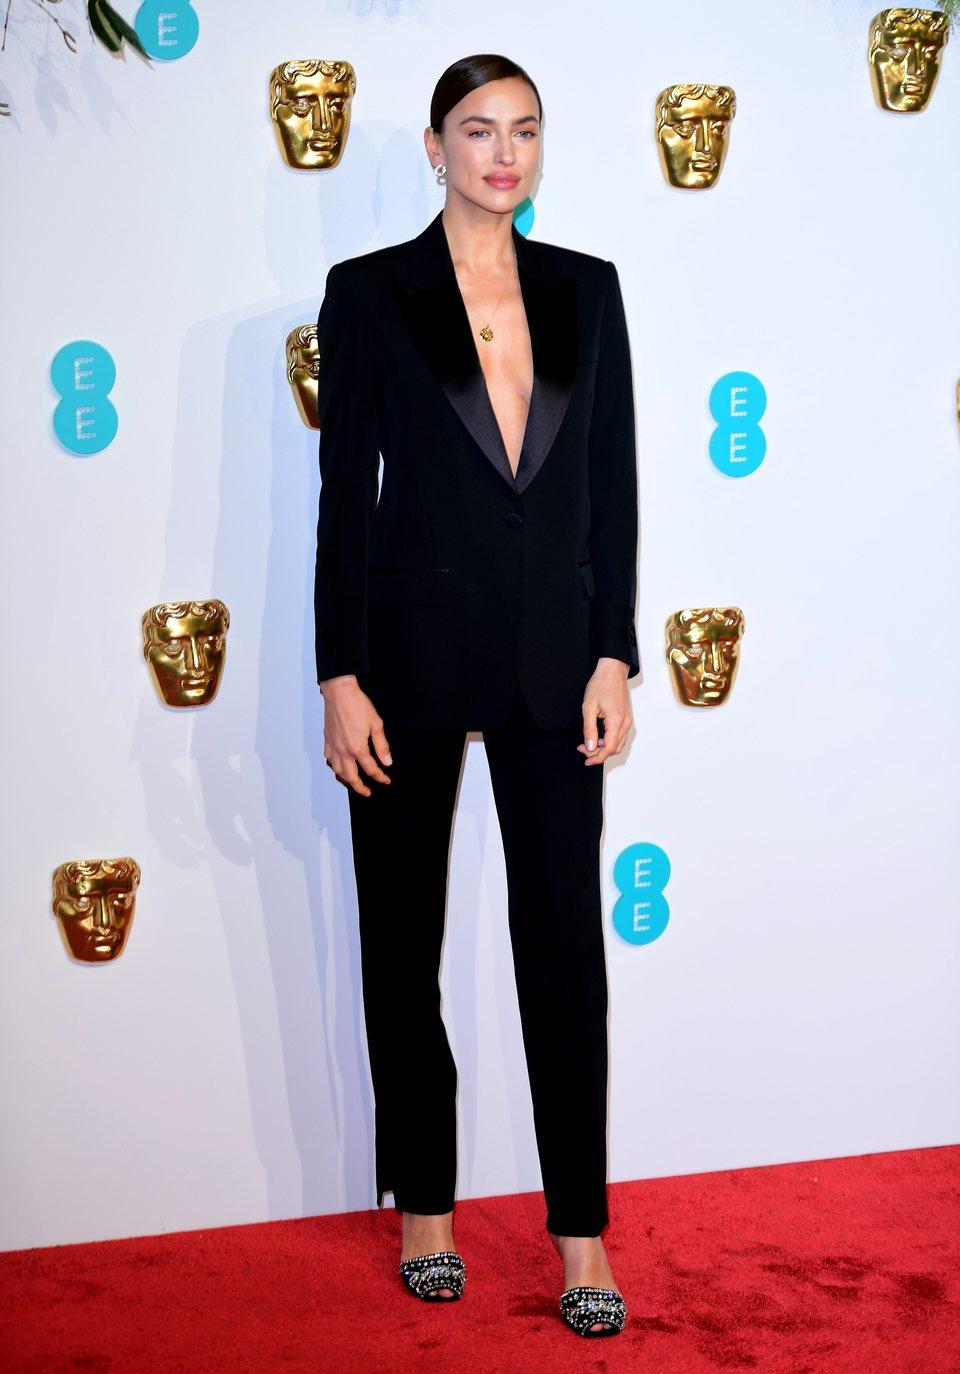 Irina Shayk en la alfombra roja de los BAFTA 2019